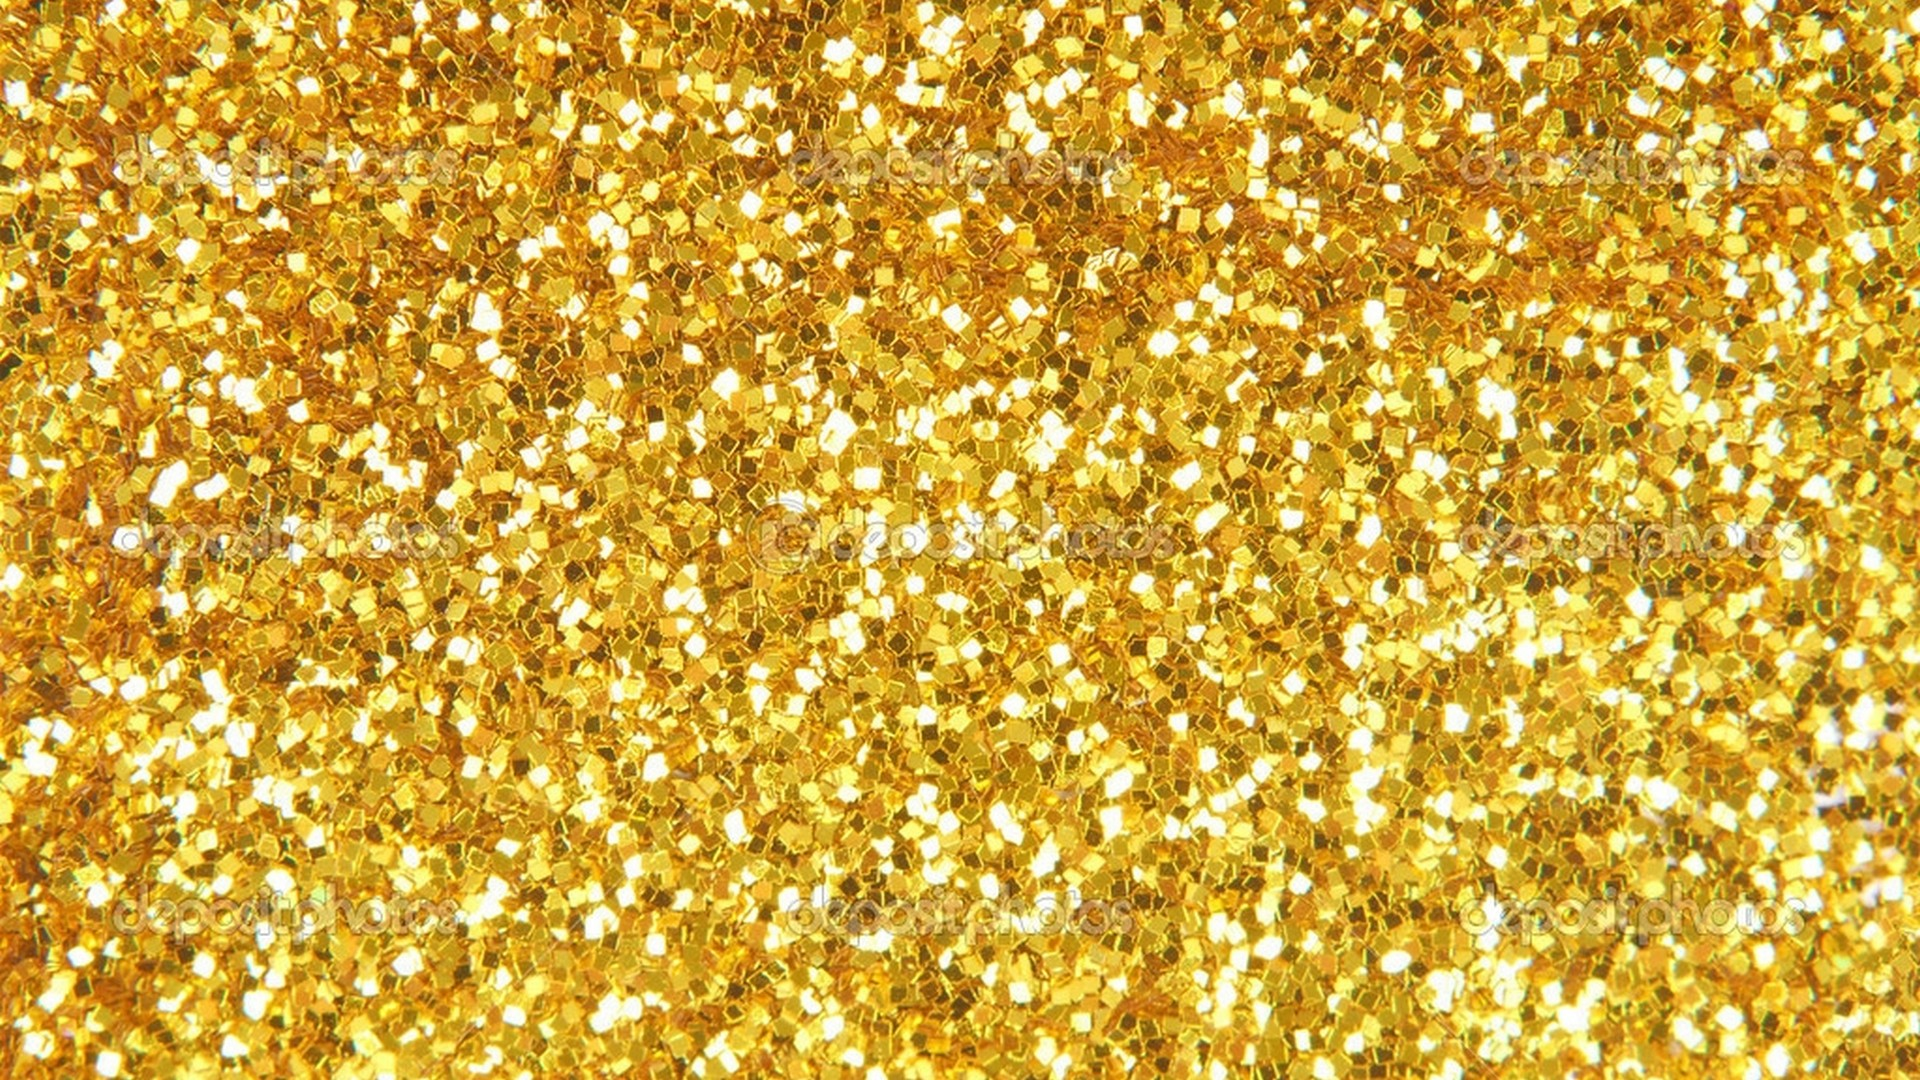 gold-glitter-wallpaper-for-desktop